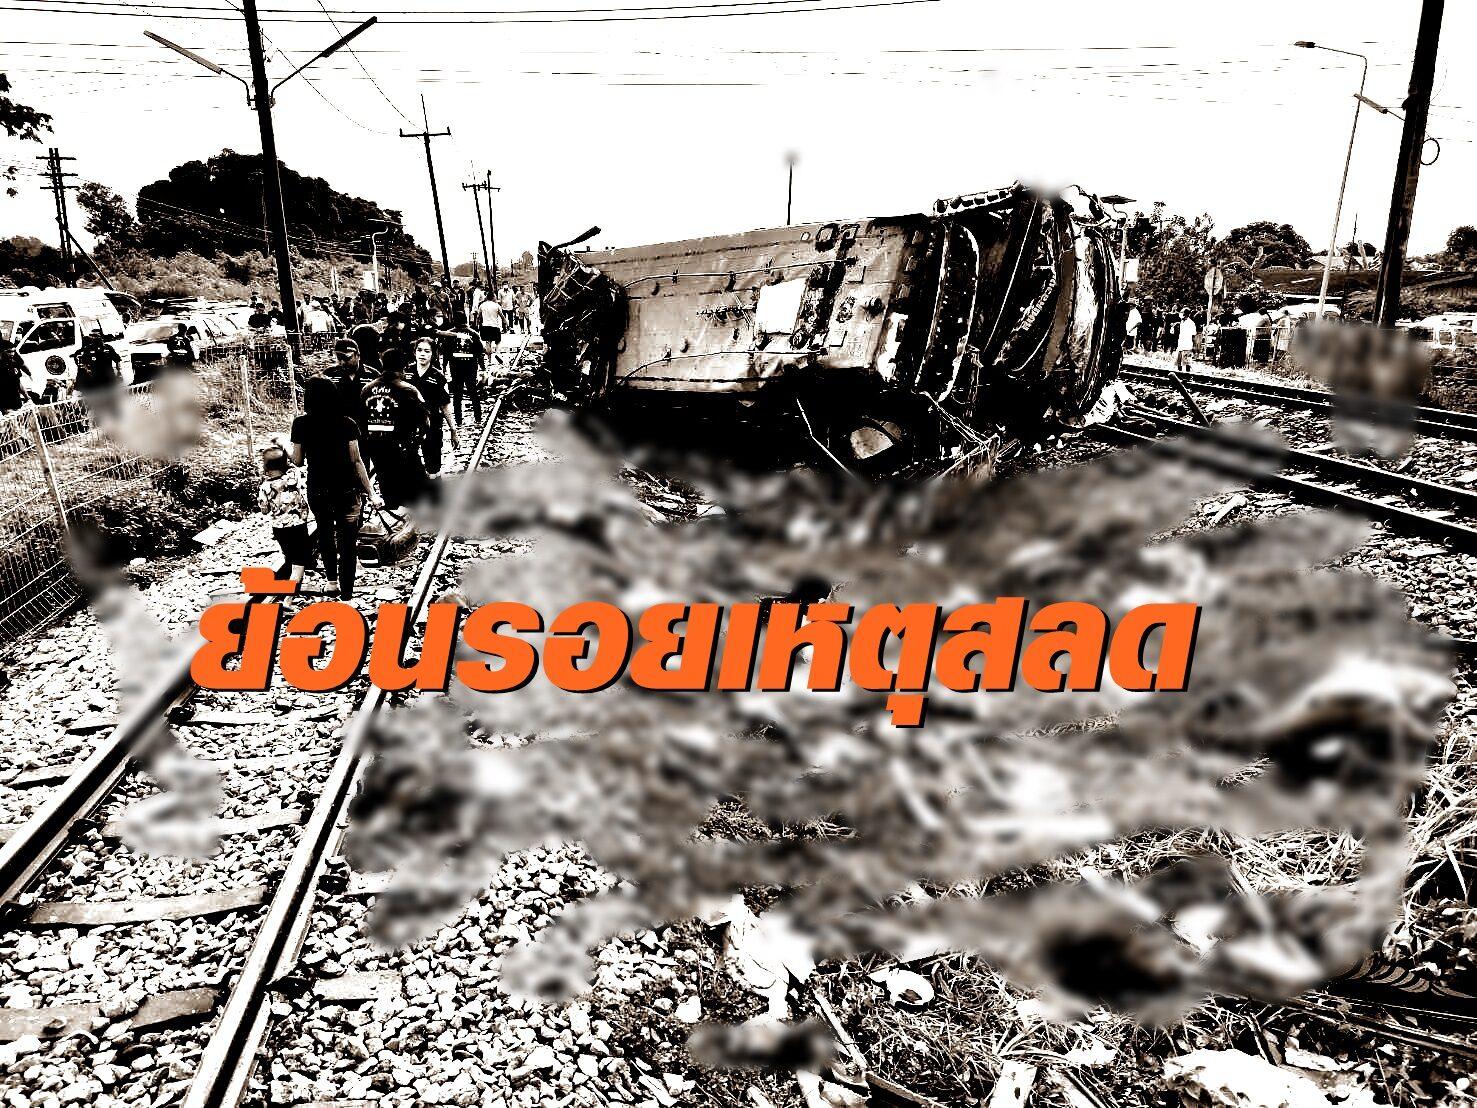 ย้อนอดีตรถไฟมรณะ สลดสุดผู้เสียชีวิตกว่า 50 คน